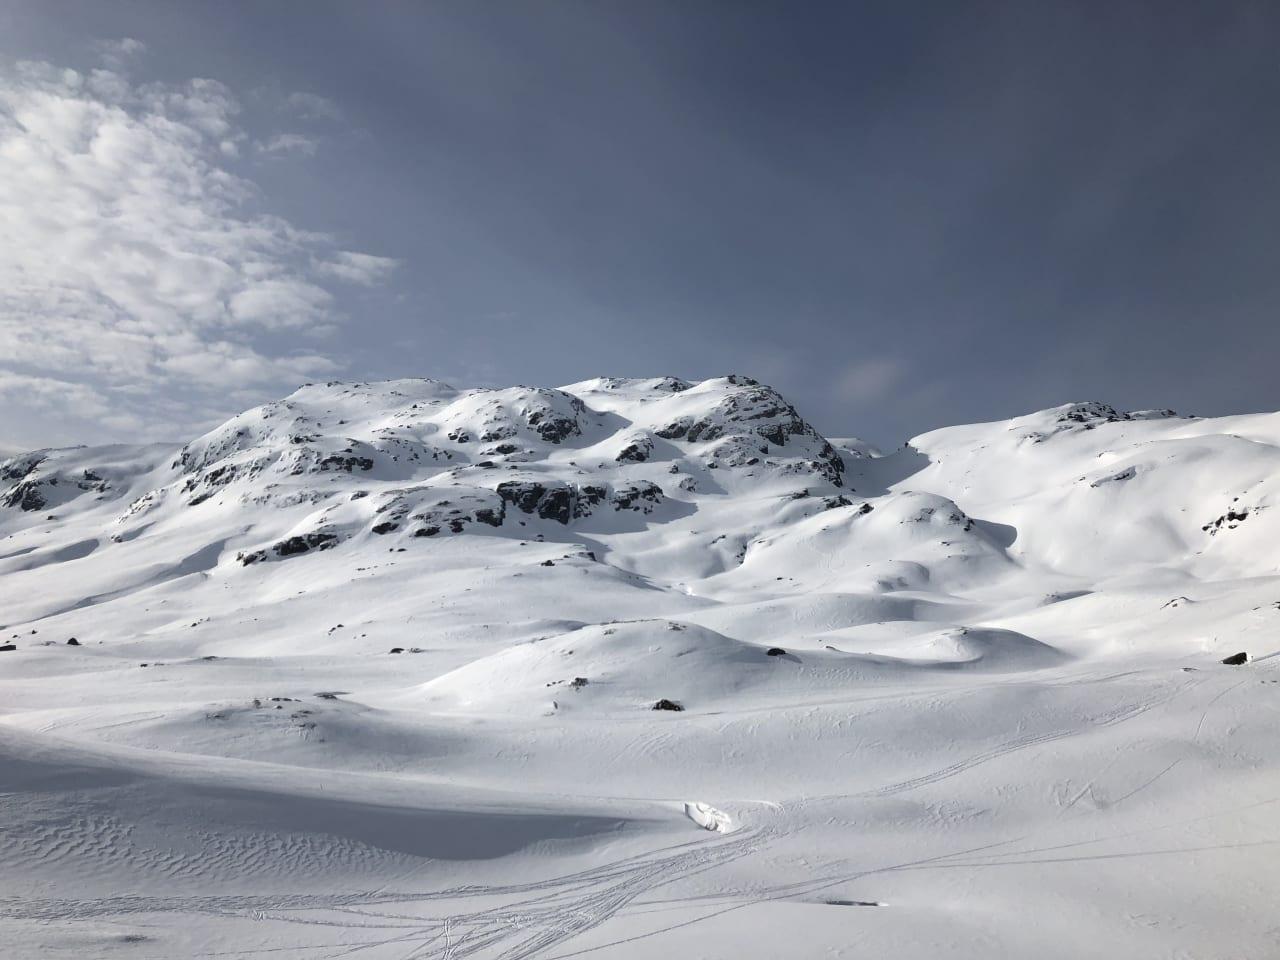 Vardanuten: Denne ikke helt ukjente perlen av et fjell har fått flere skikjørere til å klø seg i hodet. Foto: Trond Carsten Øye